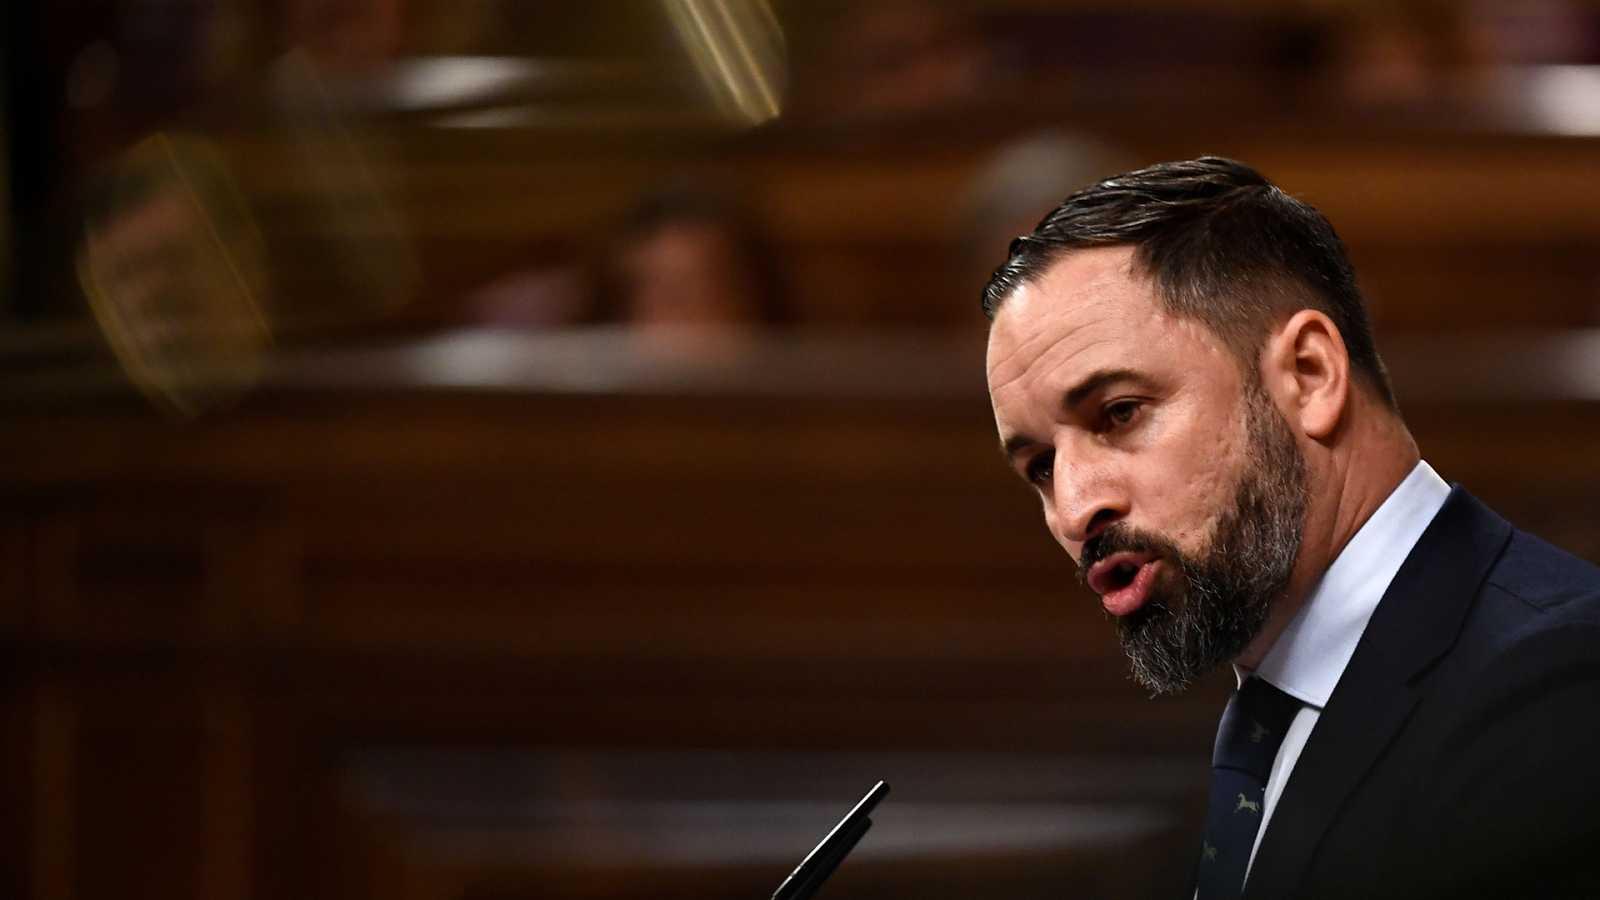 """Debate de investidura: Vox acusa a Sánchez de querer gobernar con """"los enemigos de la nación"""""""